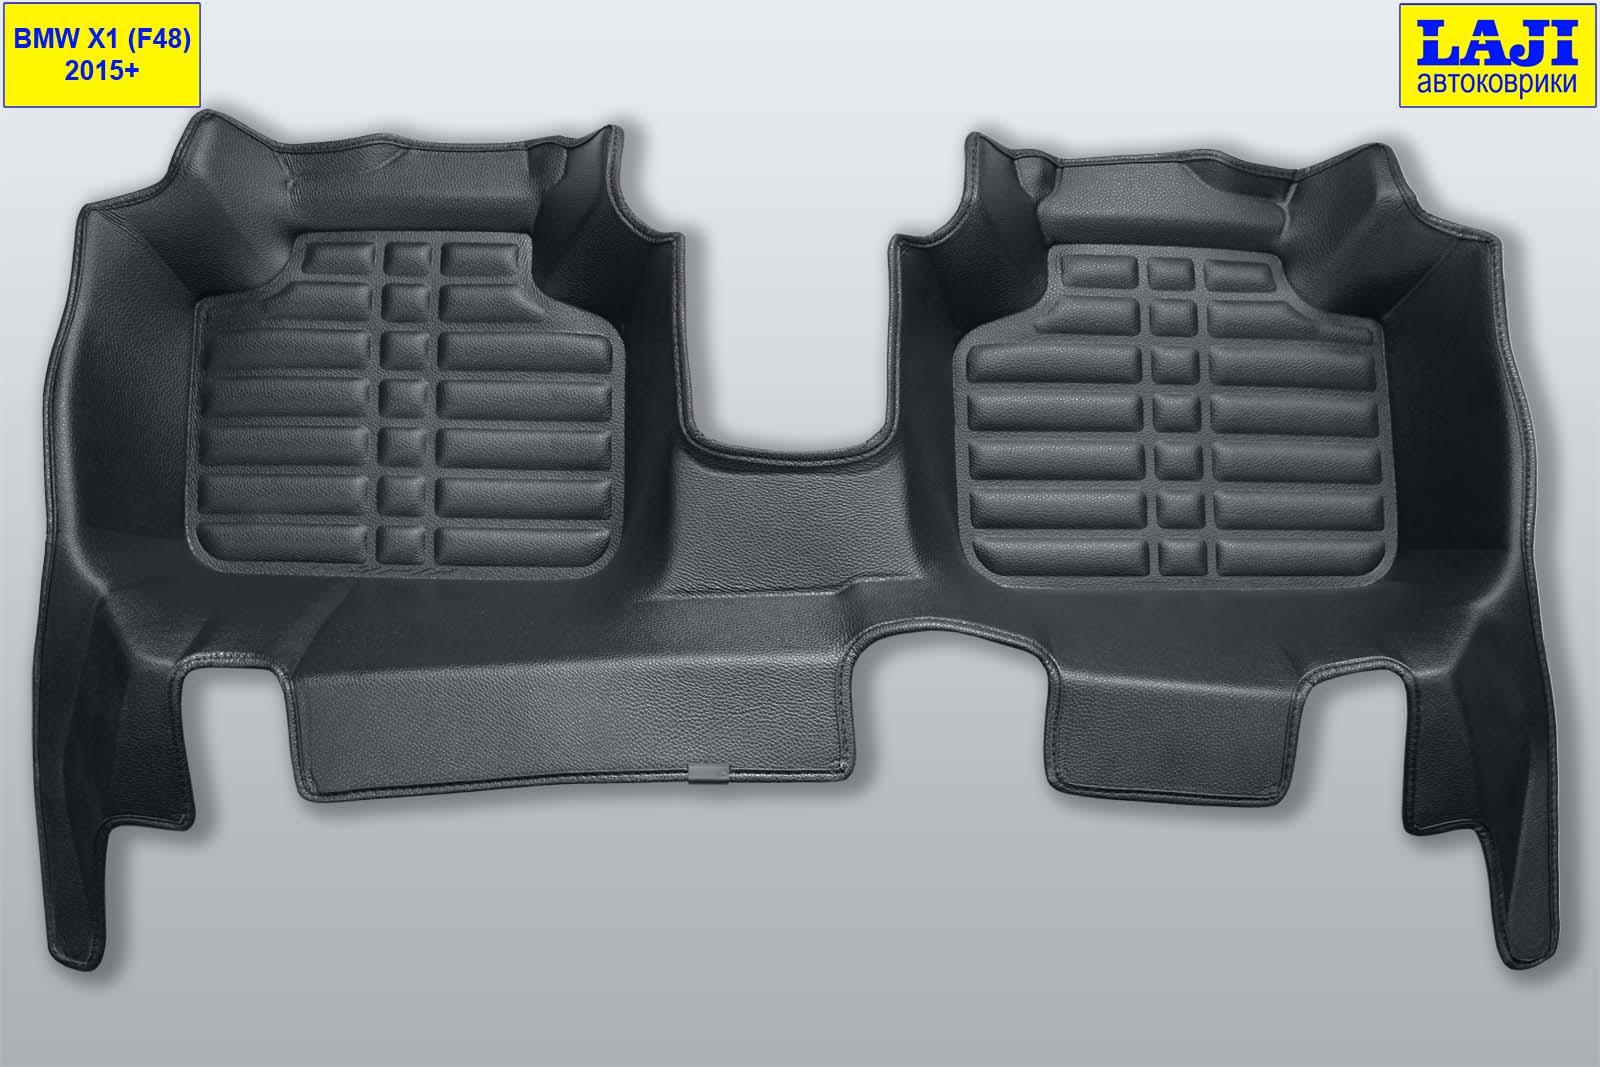 5D коврики в салон BMW X1 (F48) 2015-н.в. 10